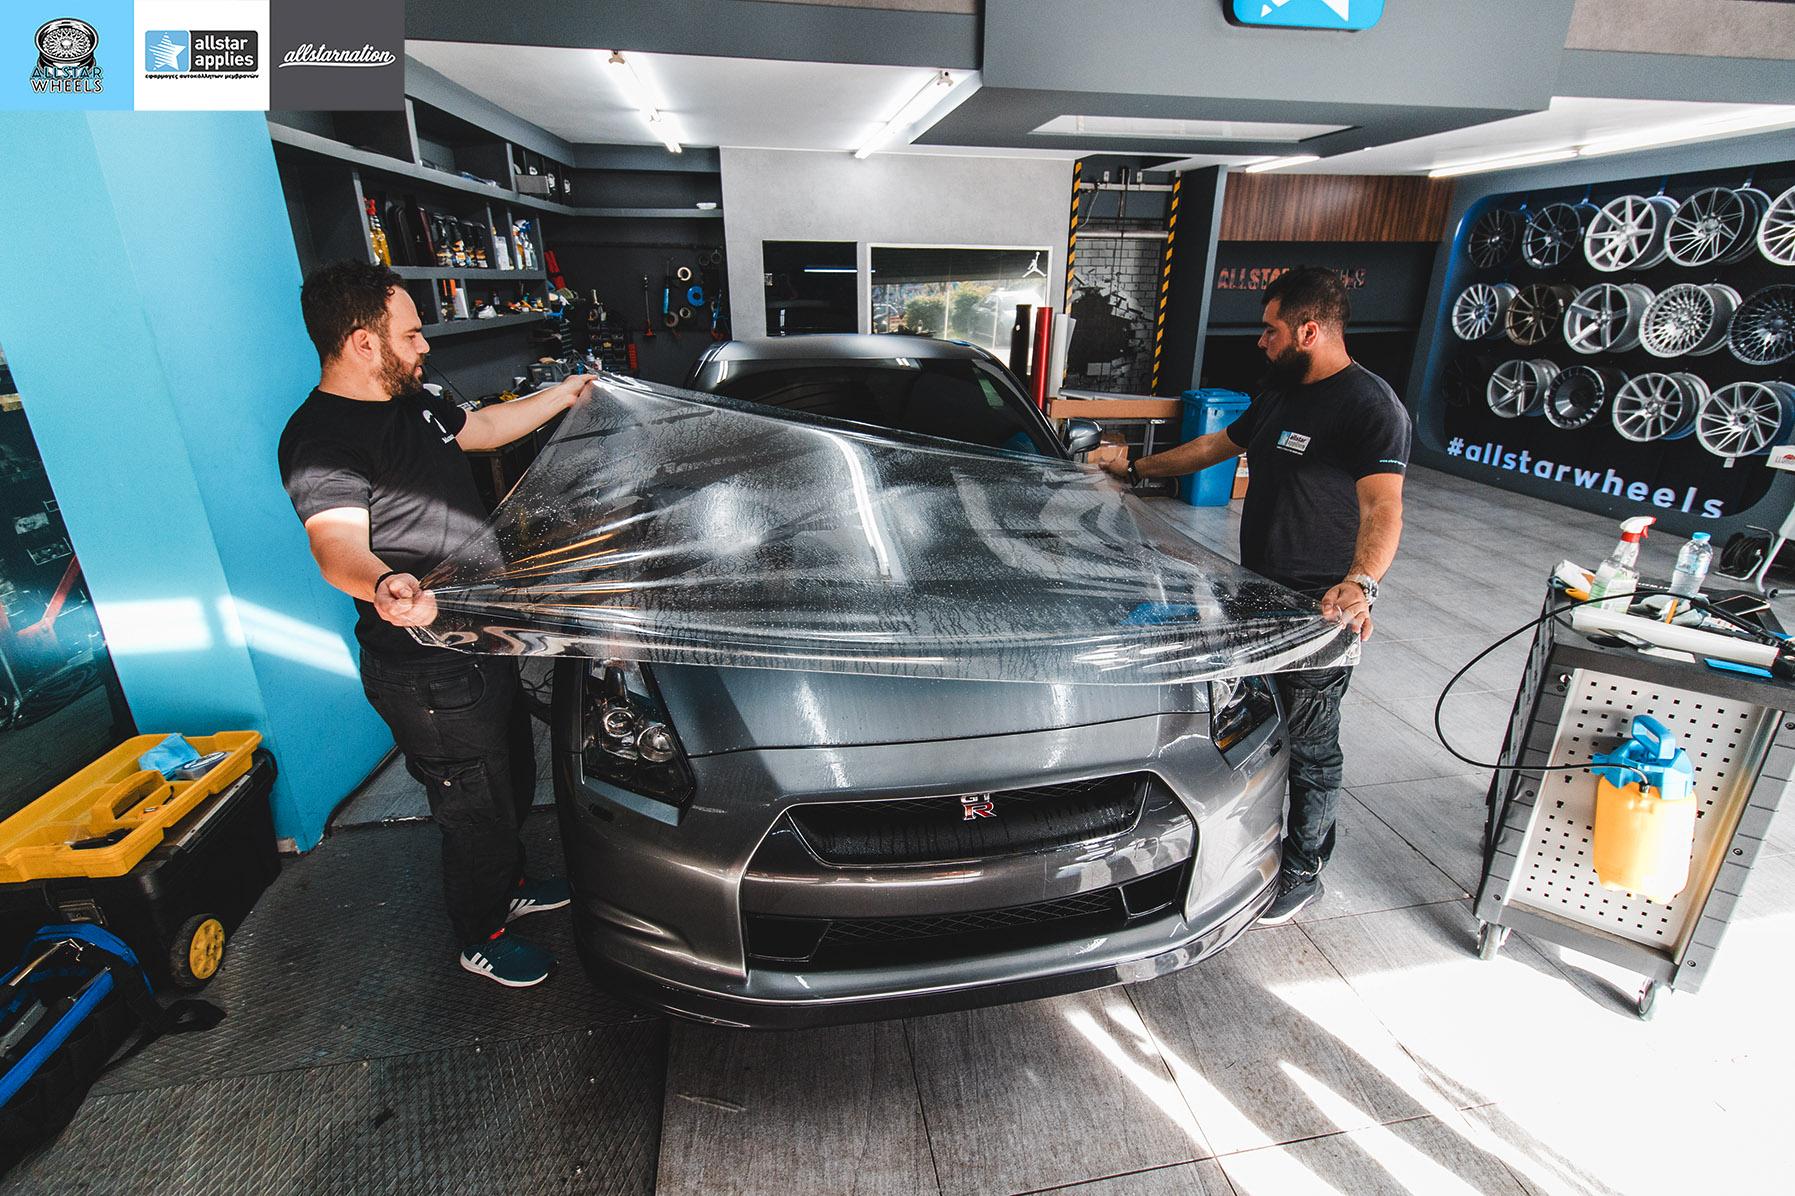 Αυτοκόλλητα αλλαγής χρώματος Nissan Skyline GTR στη Θεσσαλονίκη Allstar Applies